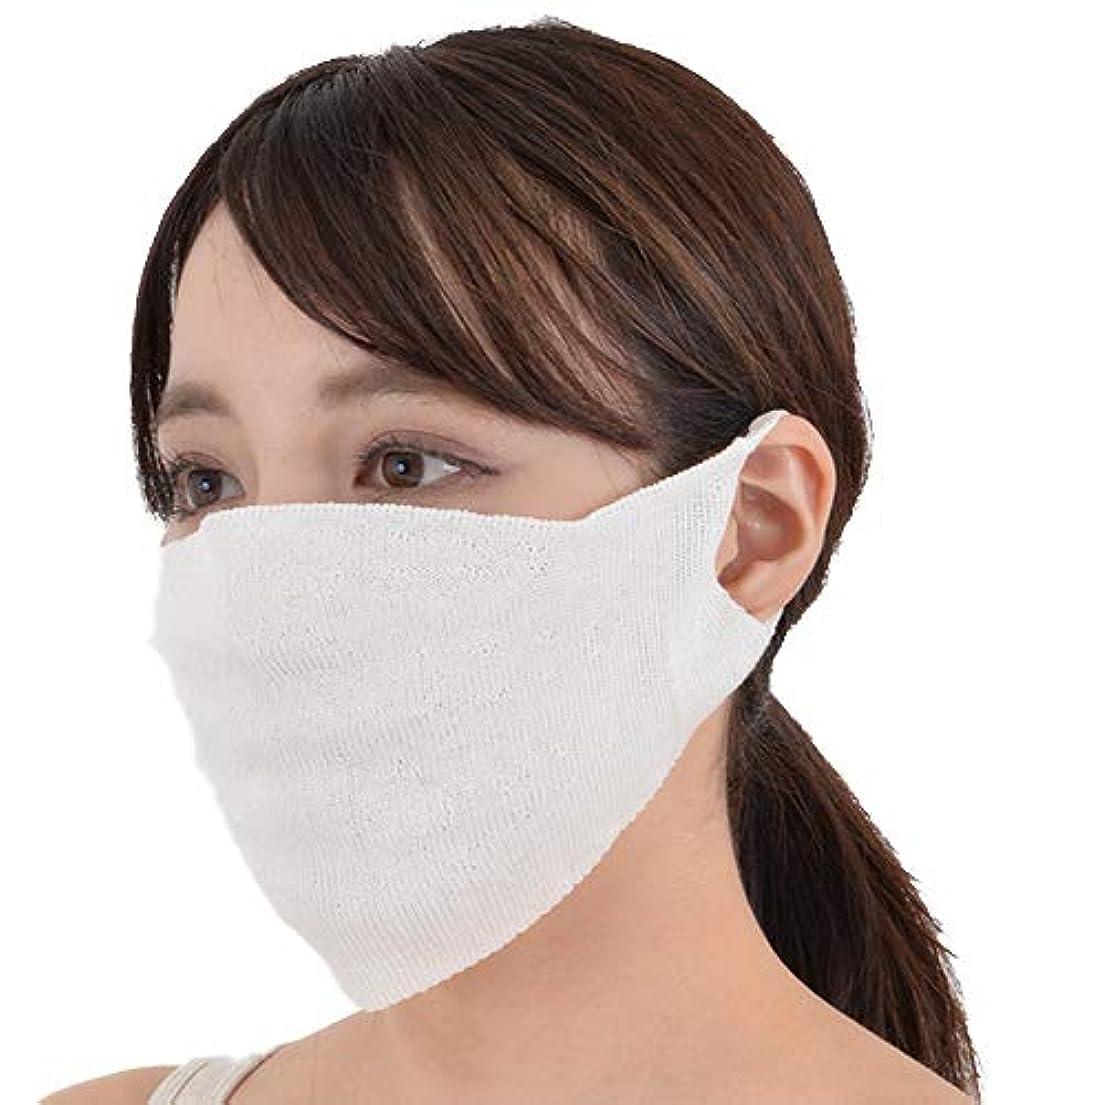 肺プログレッシブスクラップ【SILK100%】無縫製 保湿マスク シルク100% ホールガーメント® 日本製 工場直販 (オフホワイト)(4045-7187)